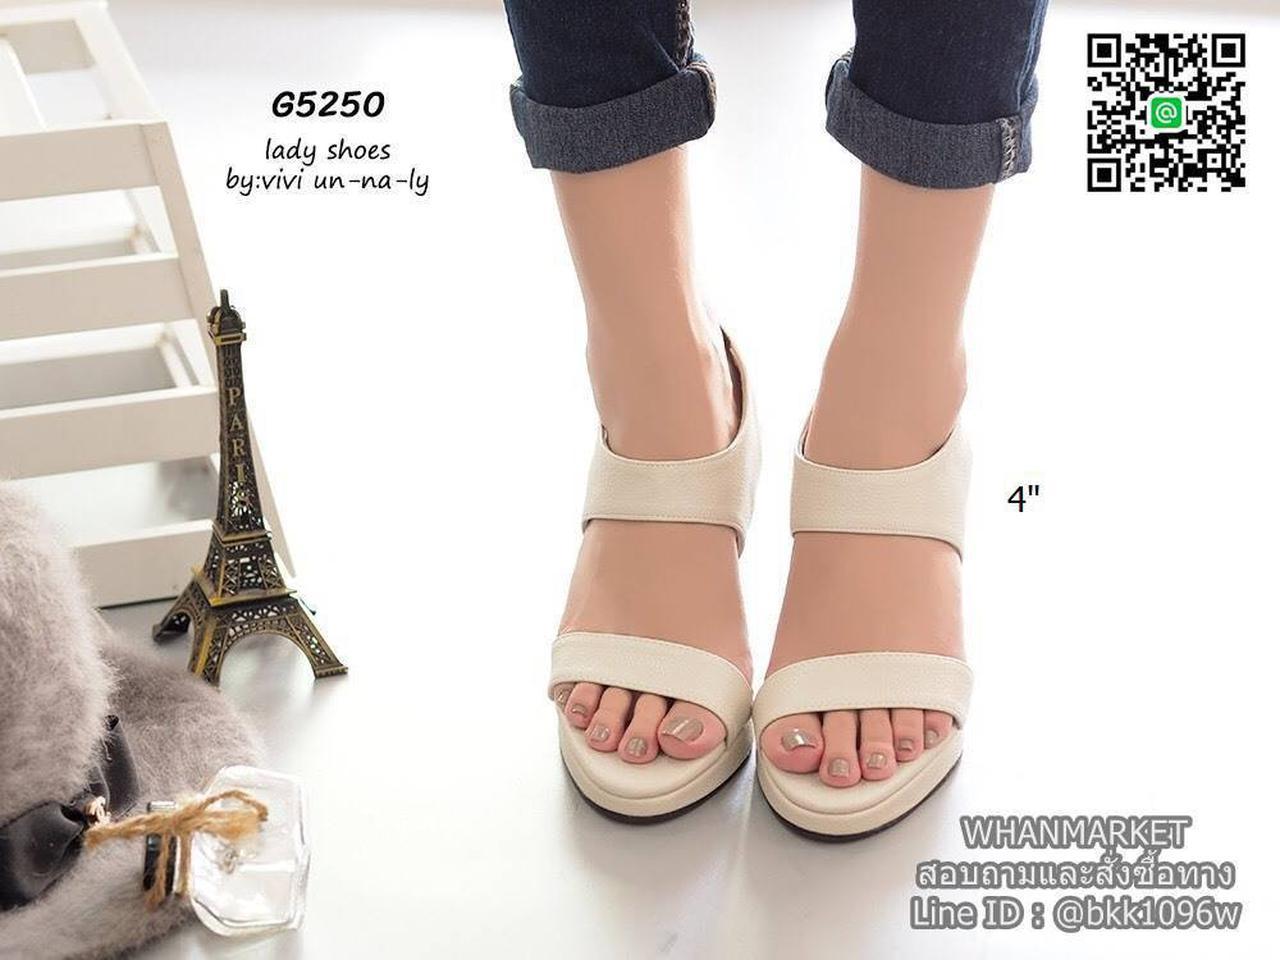 รองเท้าส้นสูงรัดส้น สายรัดแบบยางยืด ทรงสวยมากๆๆๆ เสริมหน้า 0.5 นิ้ว ความสูง 4 นิ้ว รูปที่ 3